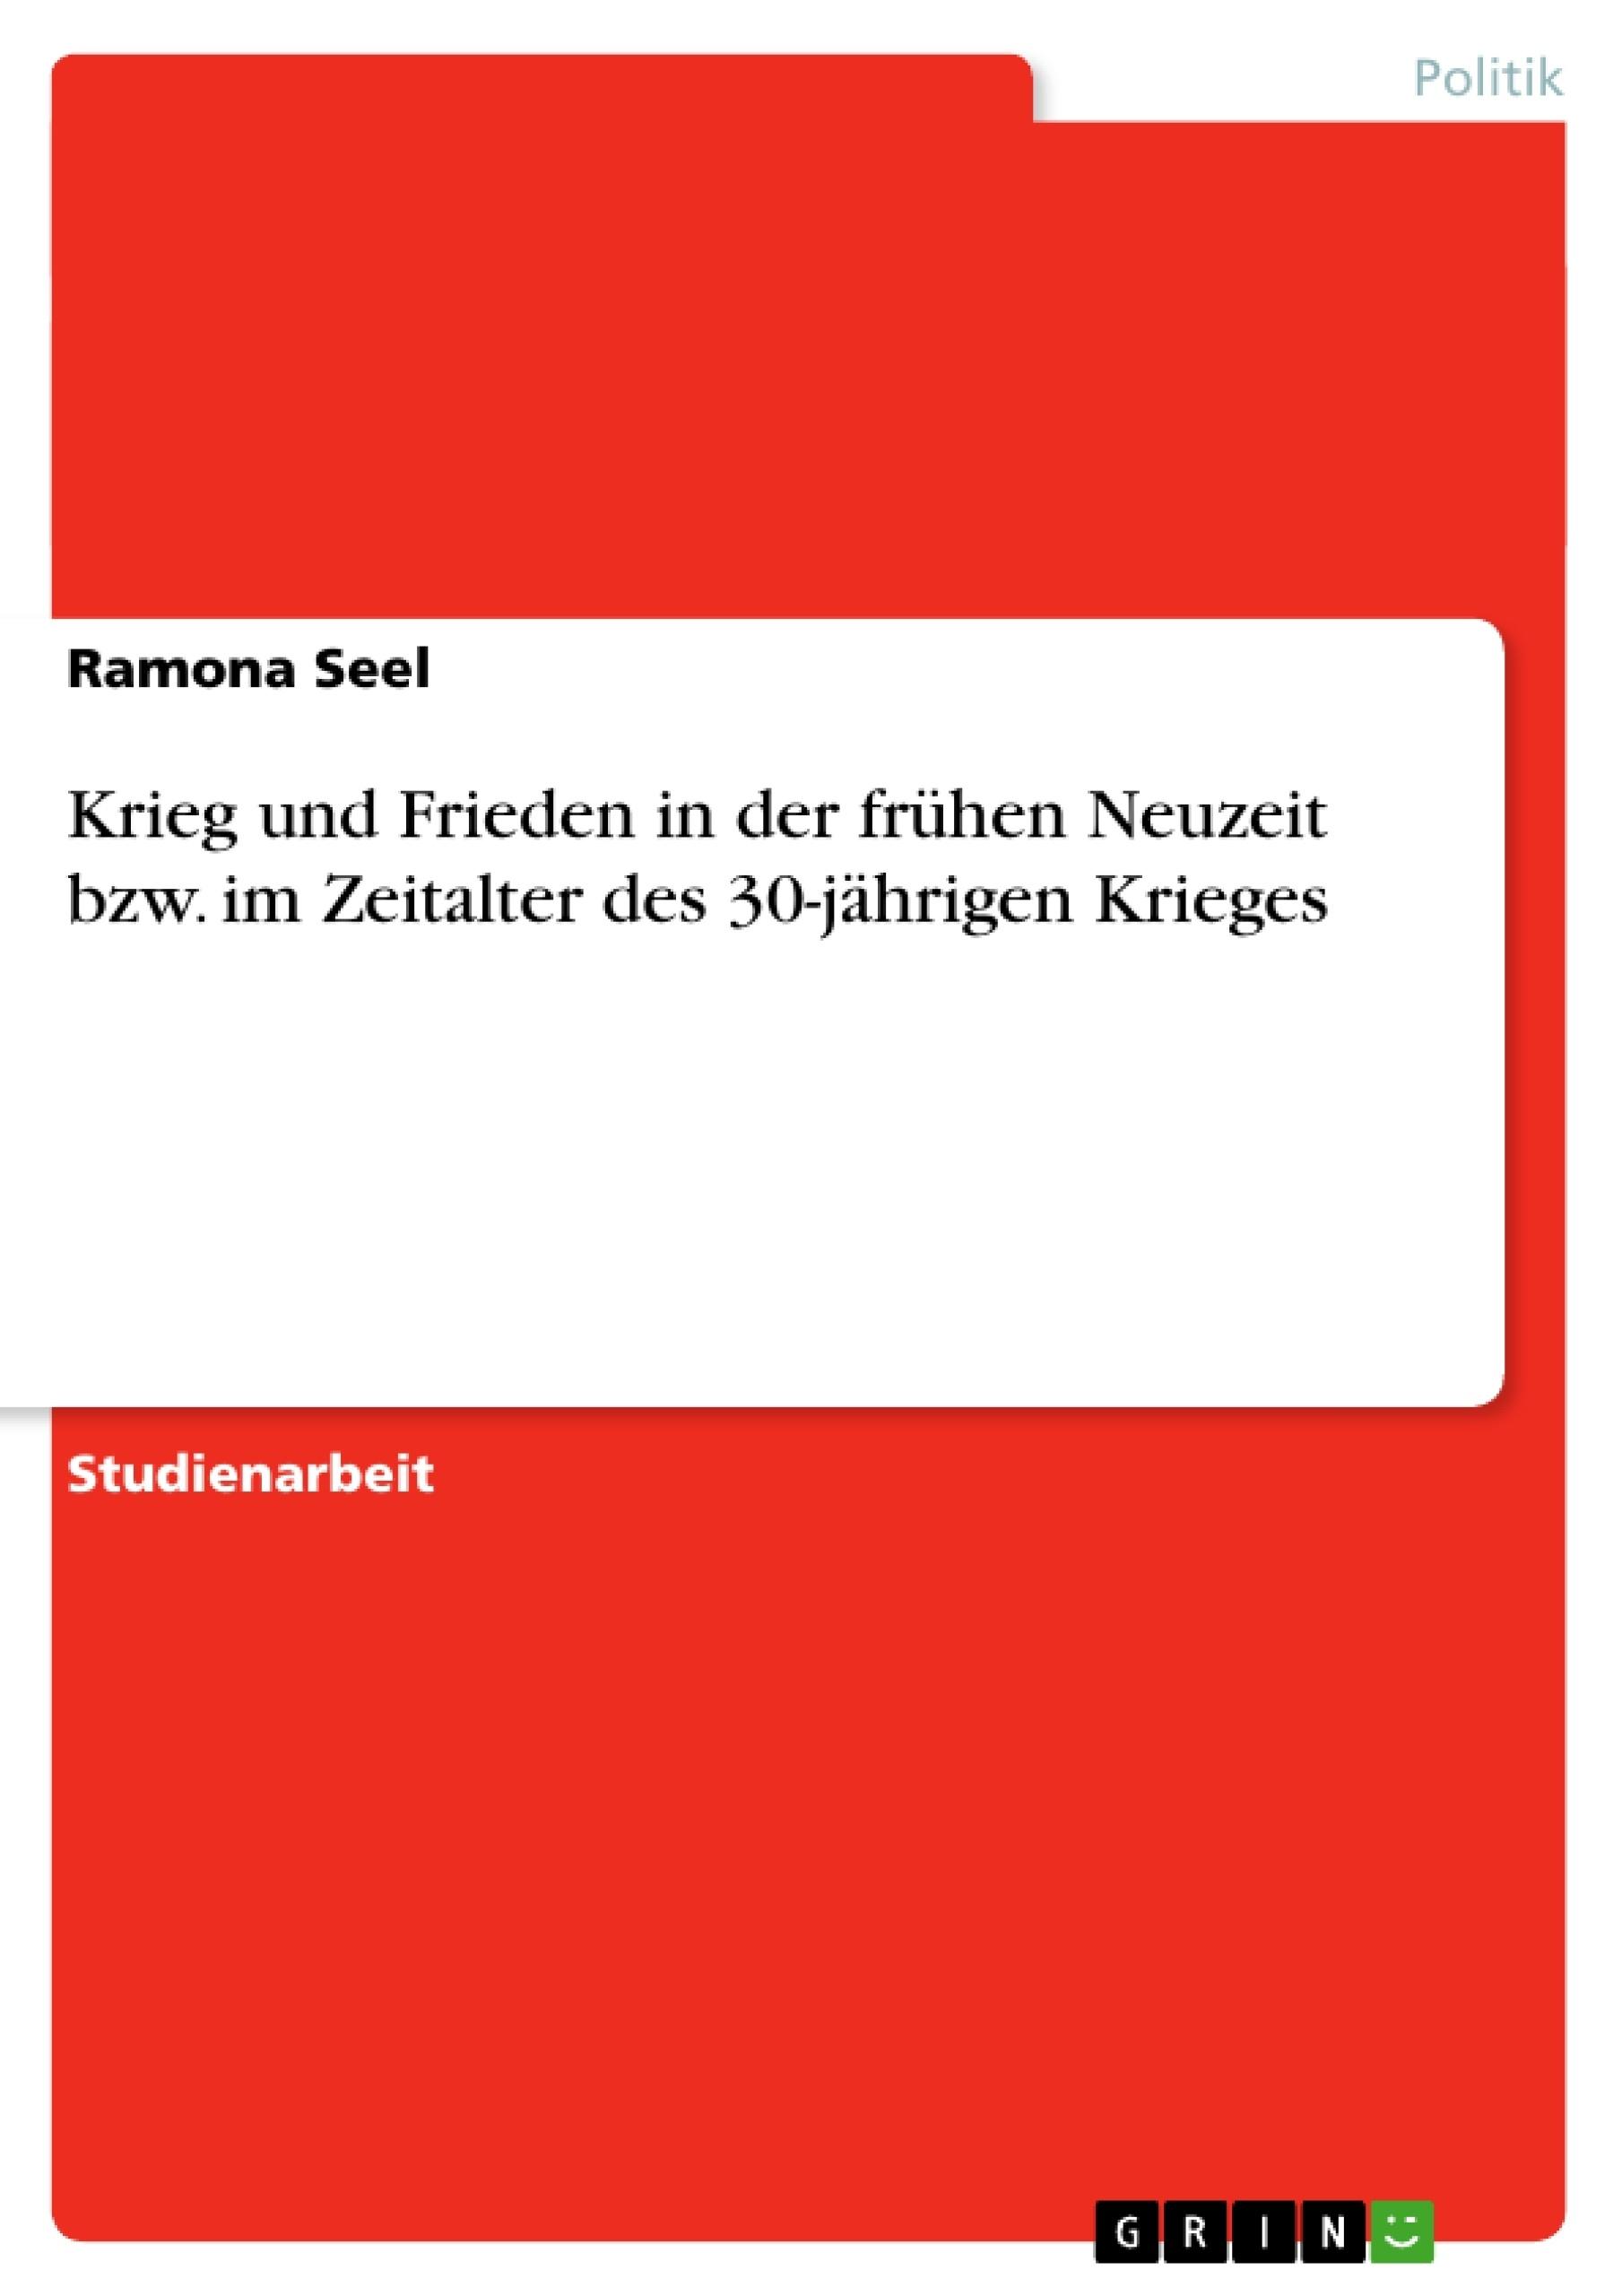 Titel: Krieg und Frieden in der frühen Neuzeit bzw. im Zeitalter des 30-jährigen Krieges